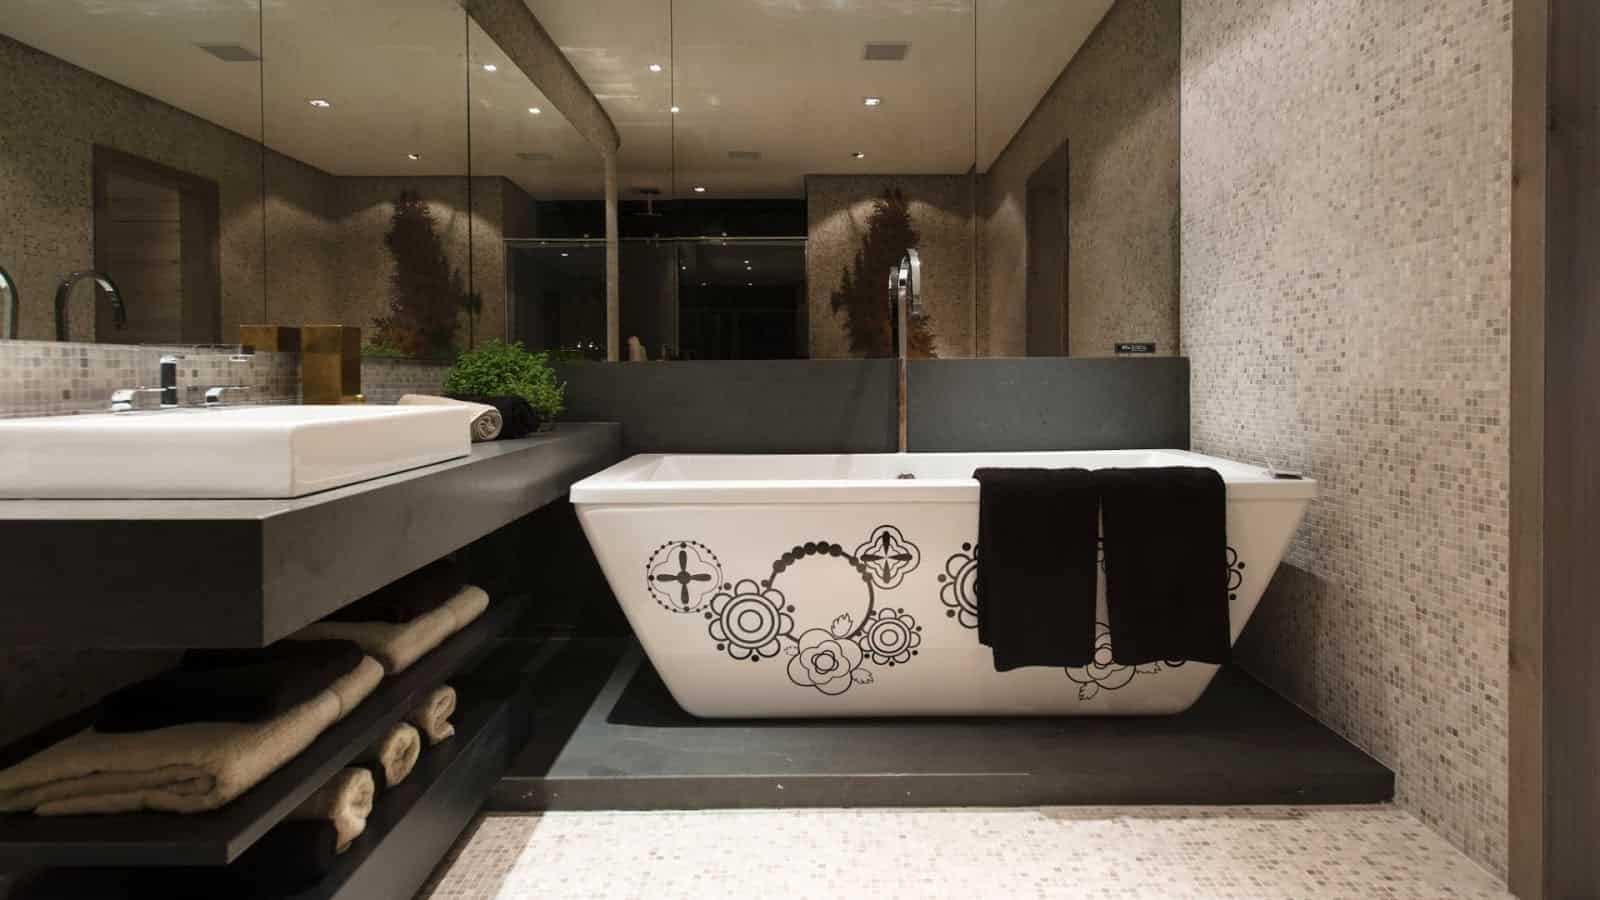 imagens de banheiros com pastilha de vidro Construção e Design #495924 1600x900 Banheiro Com Uma Parede De Pastilha